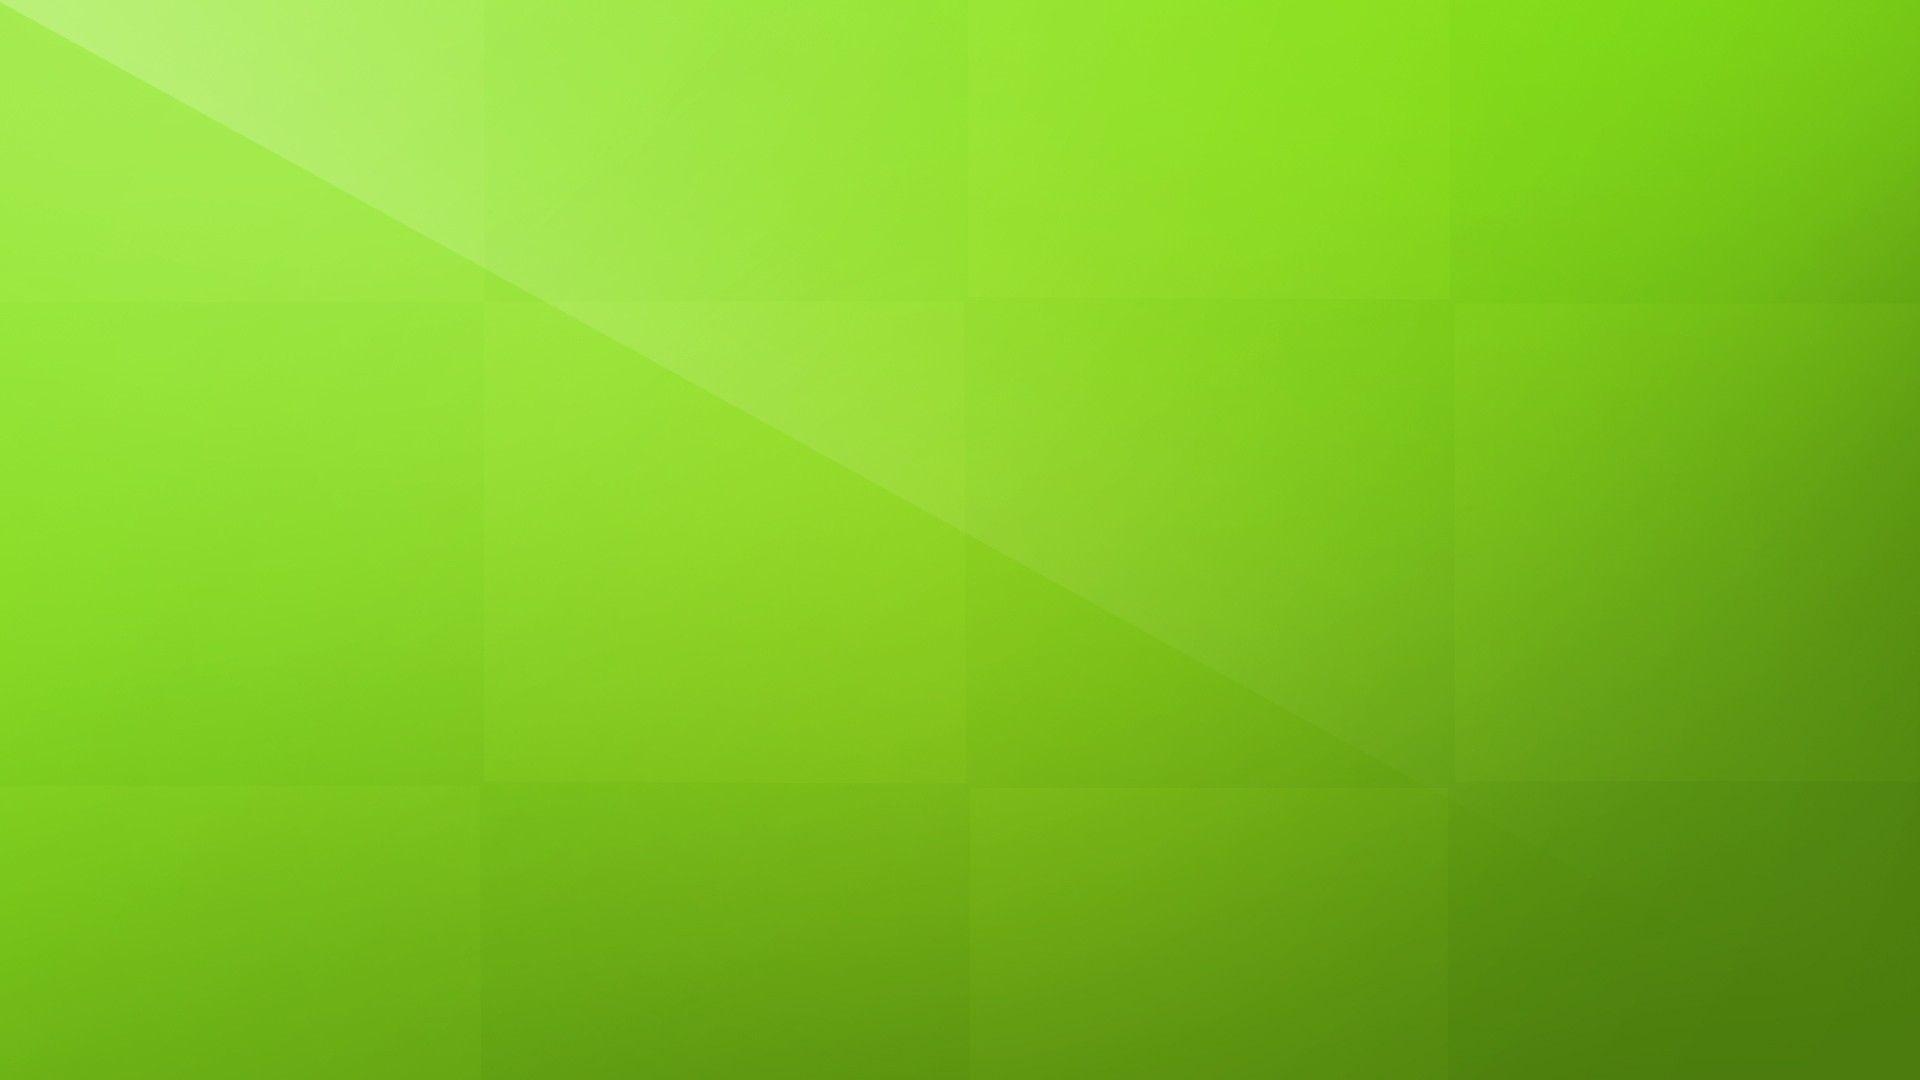 Green Gradient Wallpapers Top Free Green Gradient Backgrounds